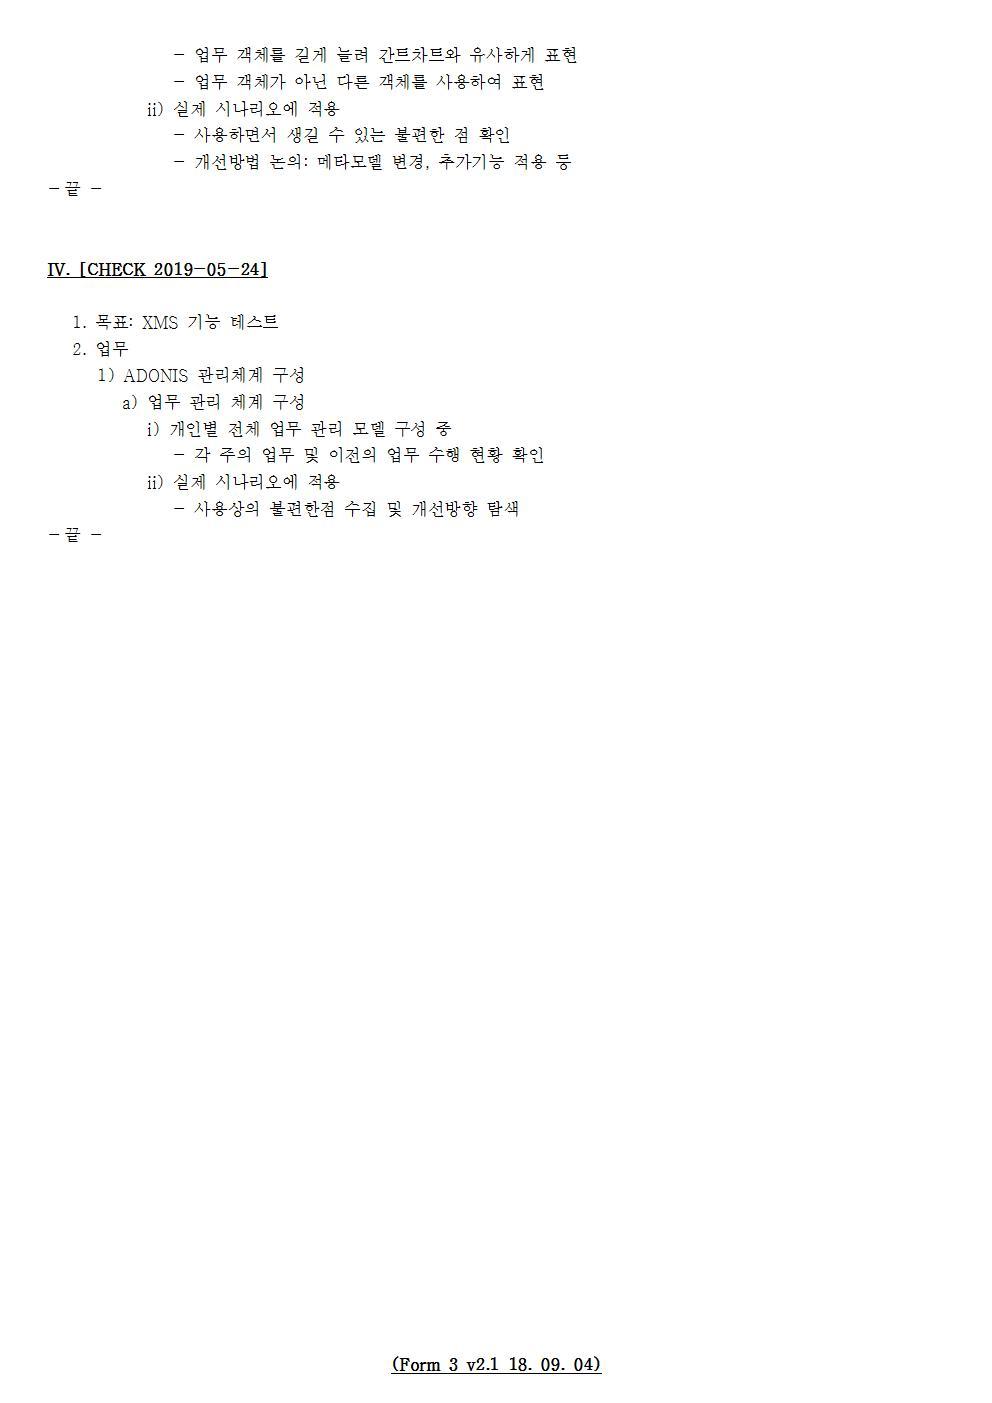 D-[19-027-RC-05]-[XMS]-[2019-05-24][YB]-[19-5-4]-[P+D+C]002.jpg